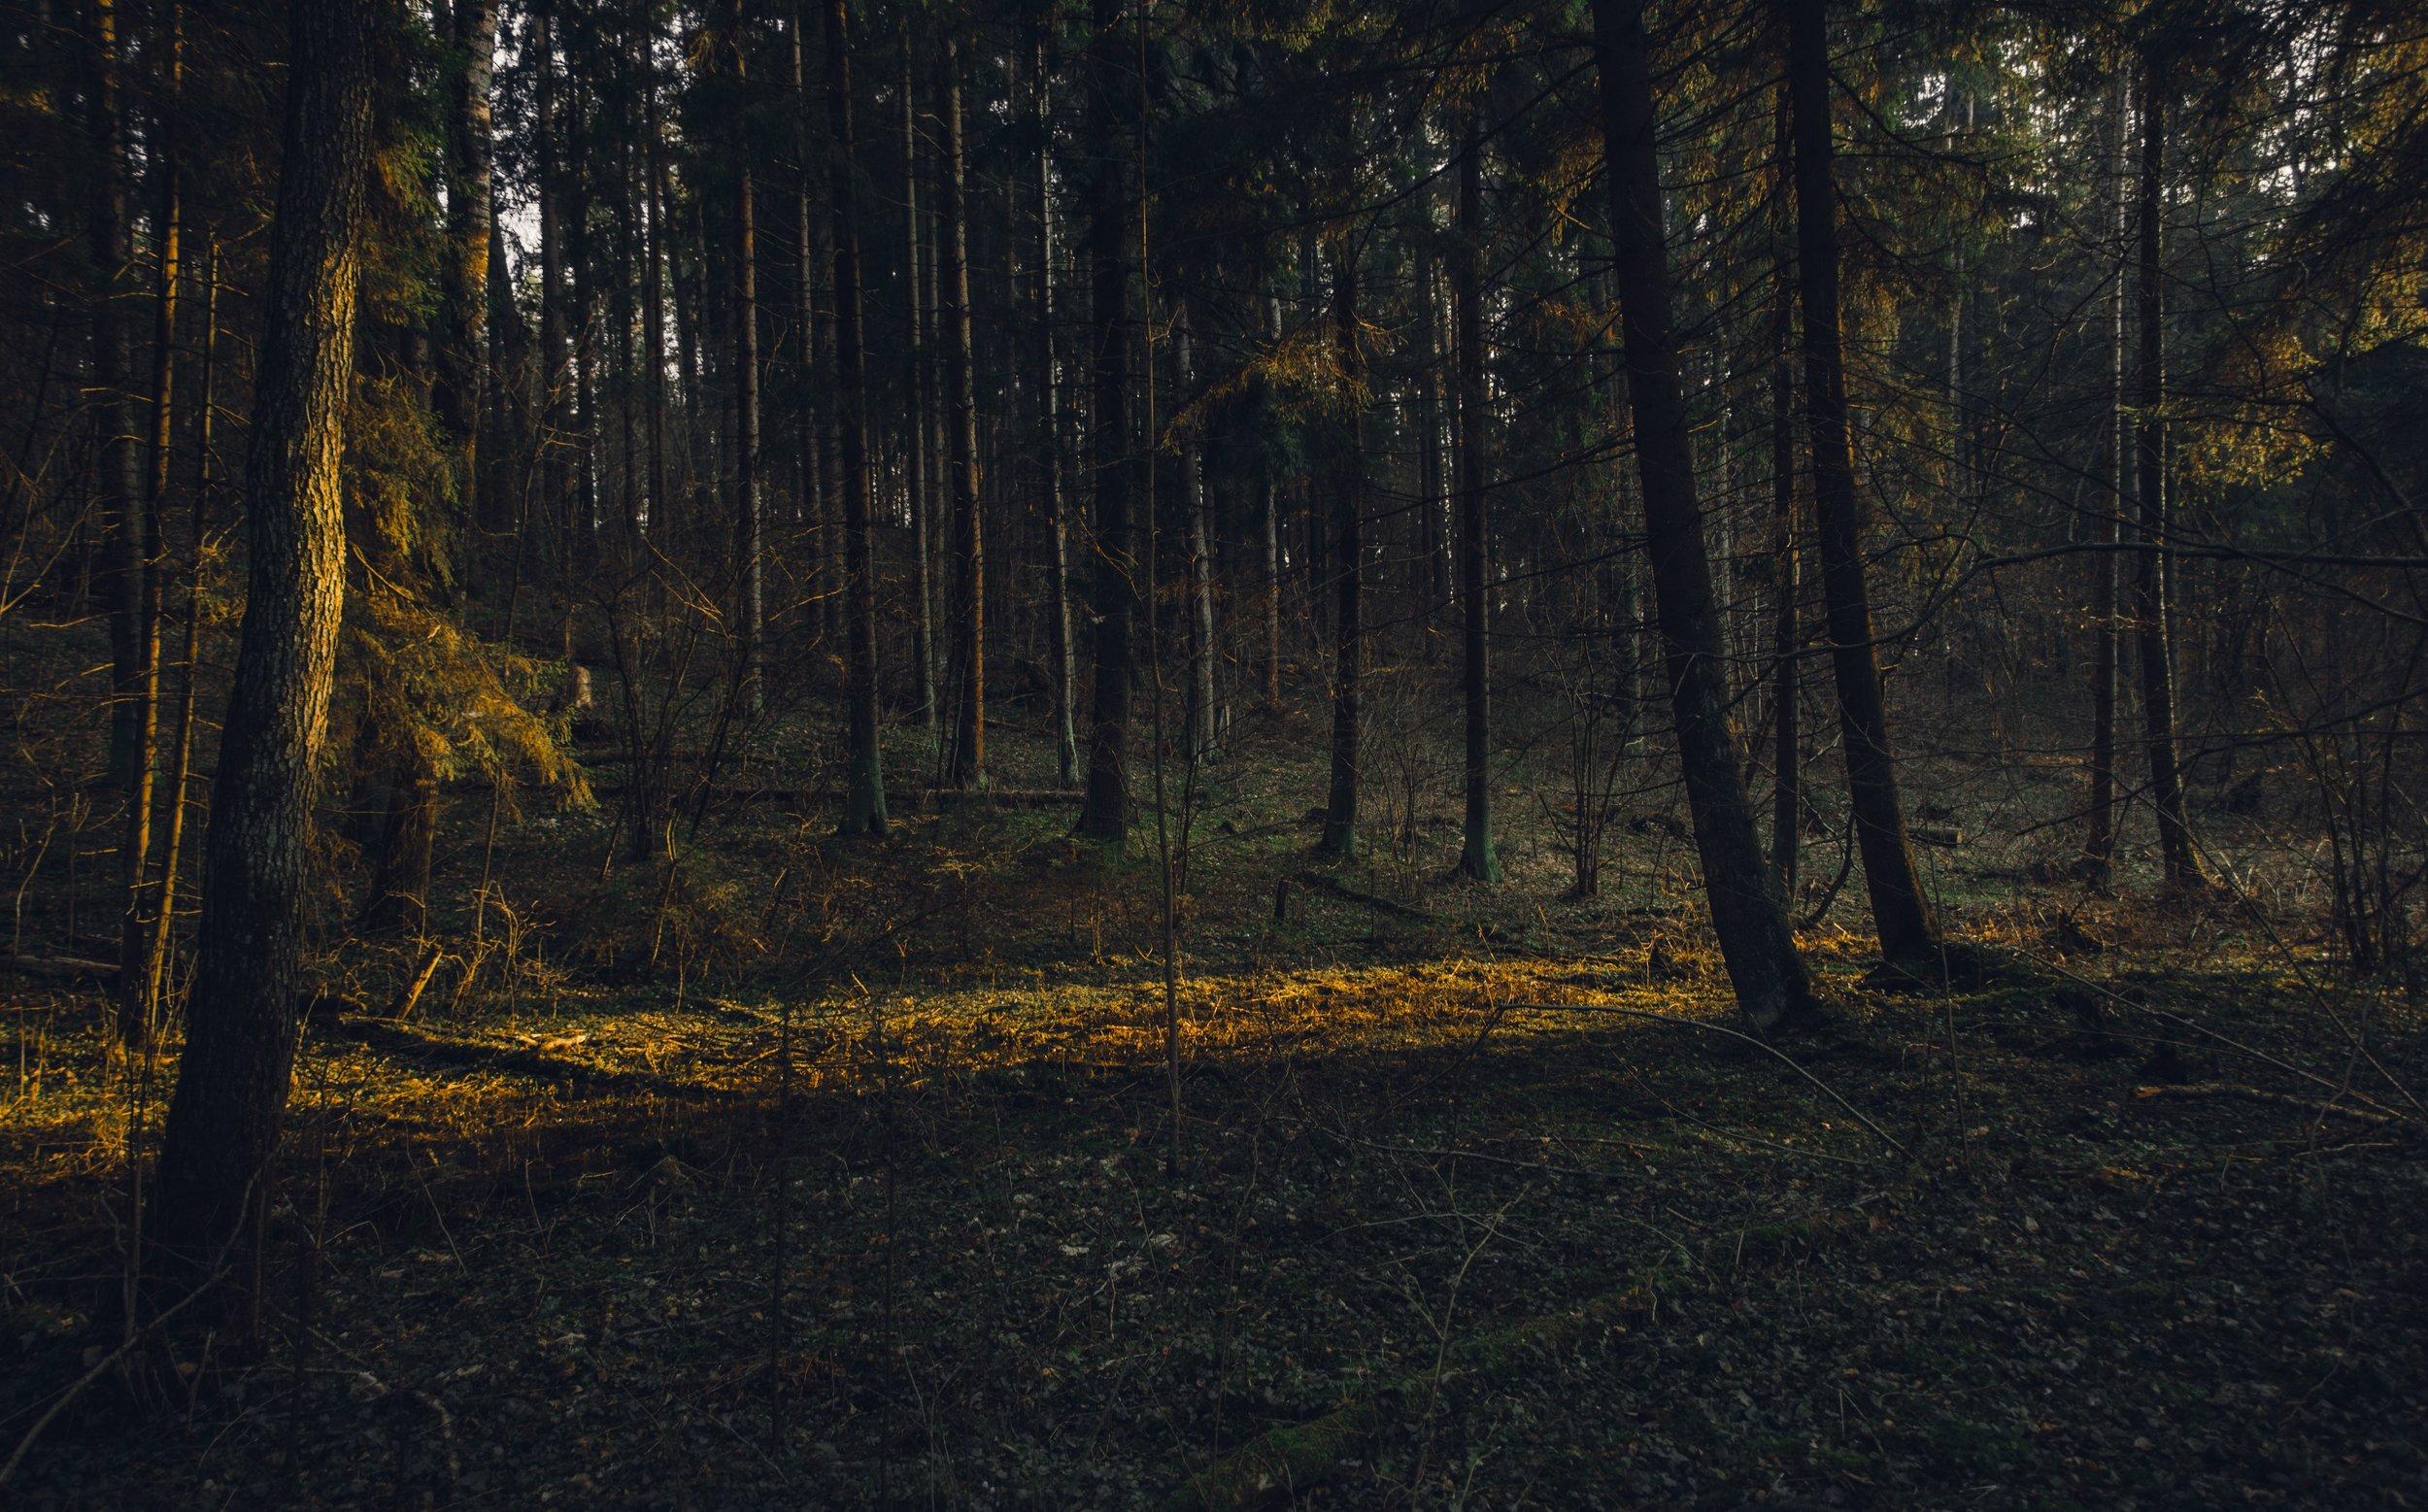 branches-dark-green-daylight-954739.jpg